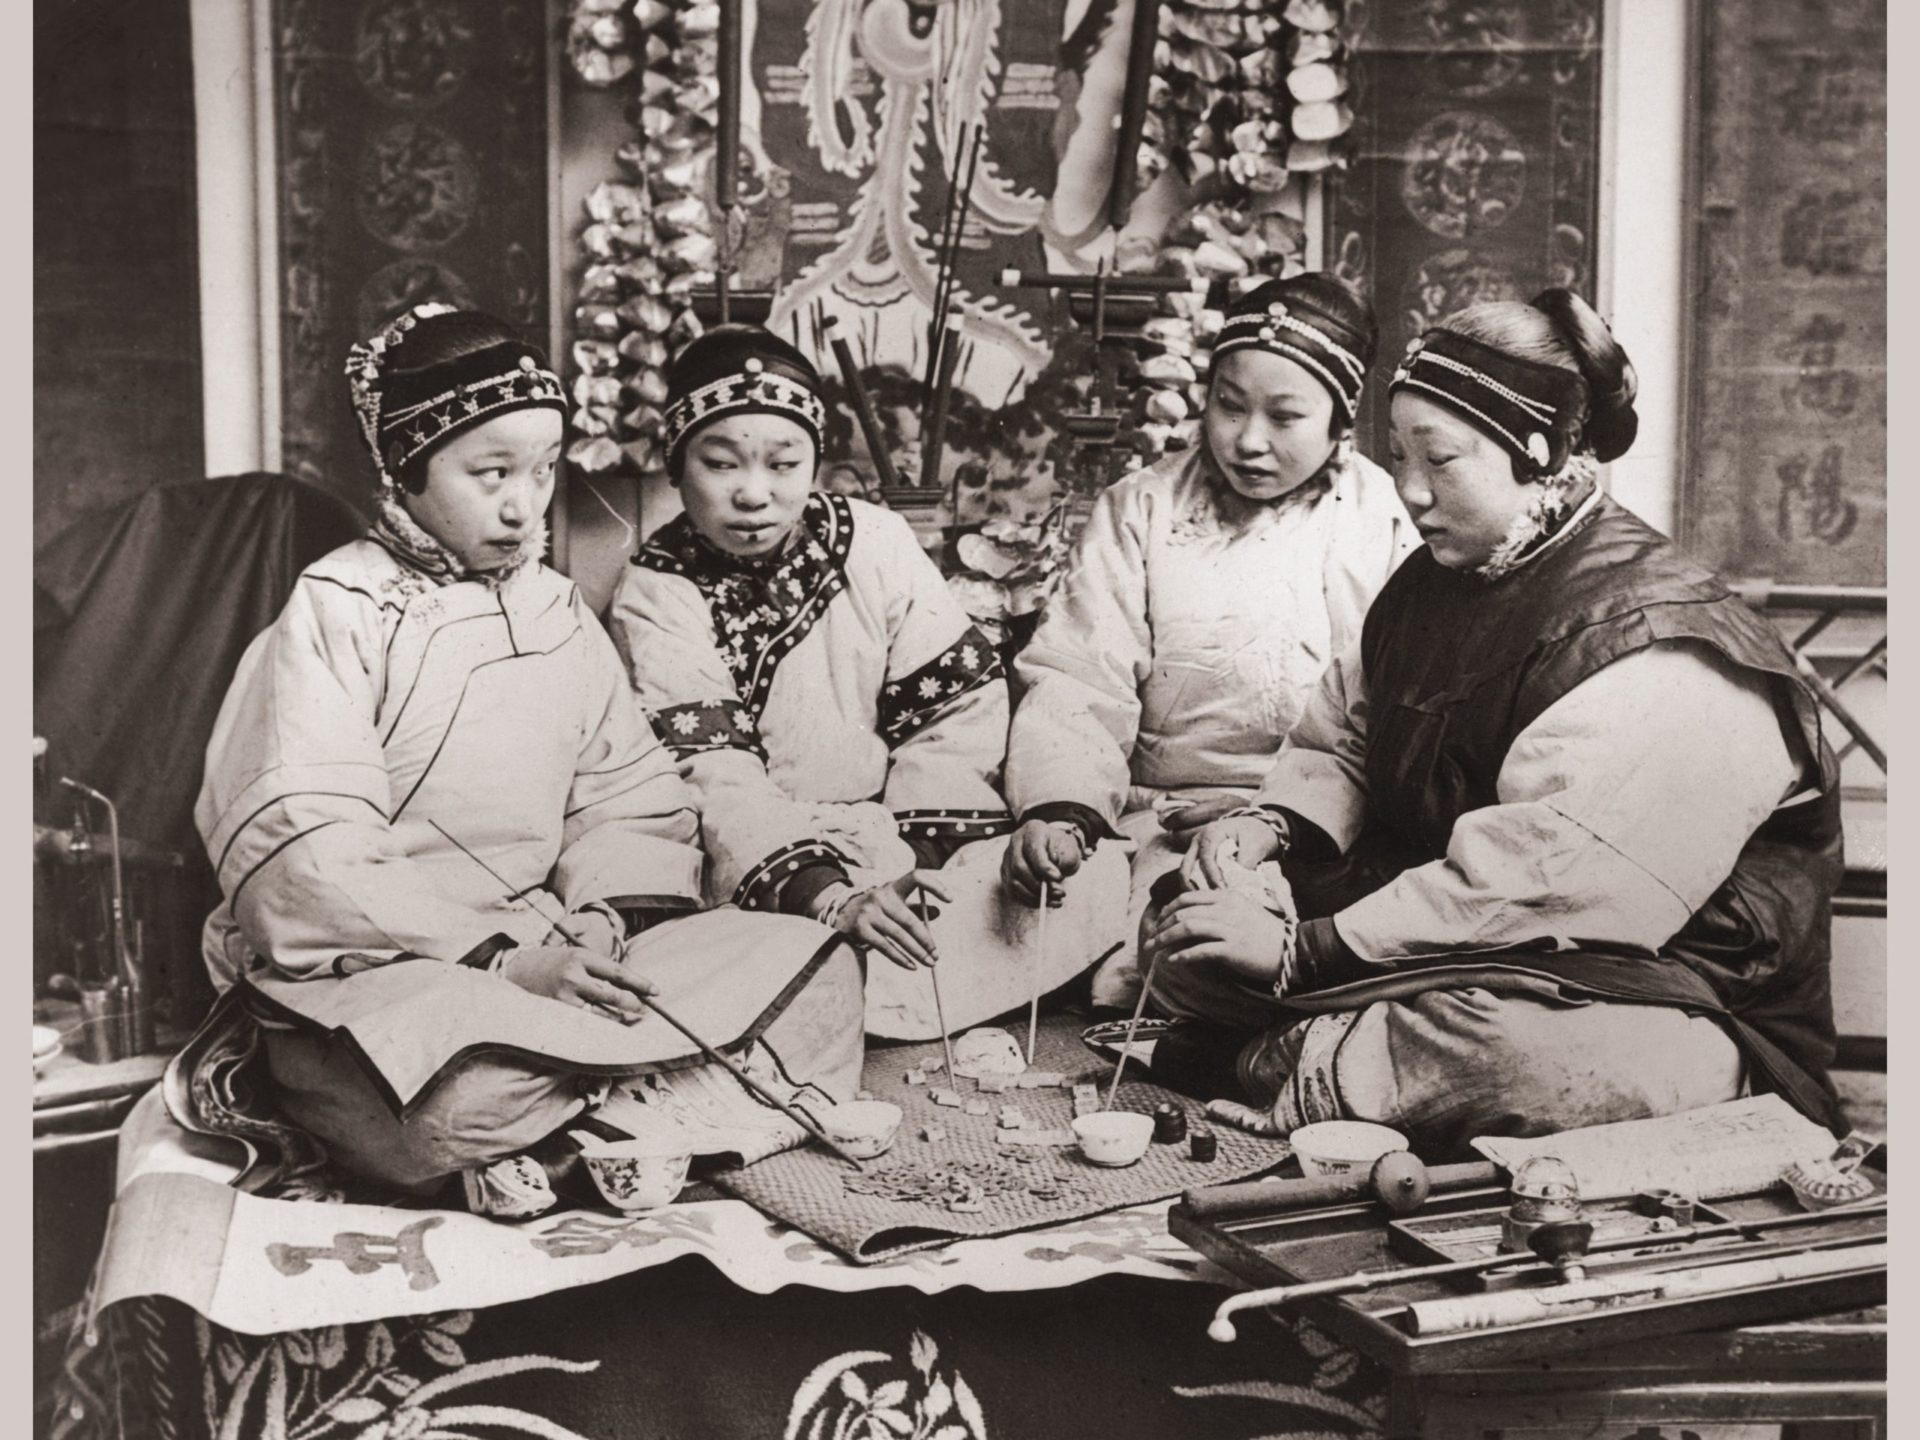 Нюй-шу. История древнего языка, который придумали китайские женщины для общения друг с другом